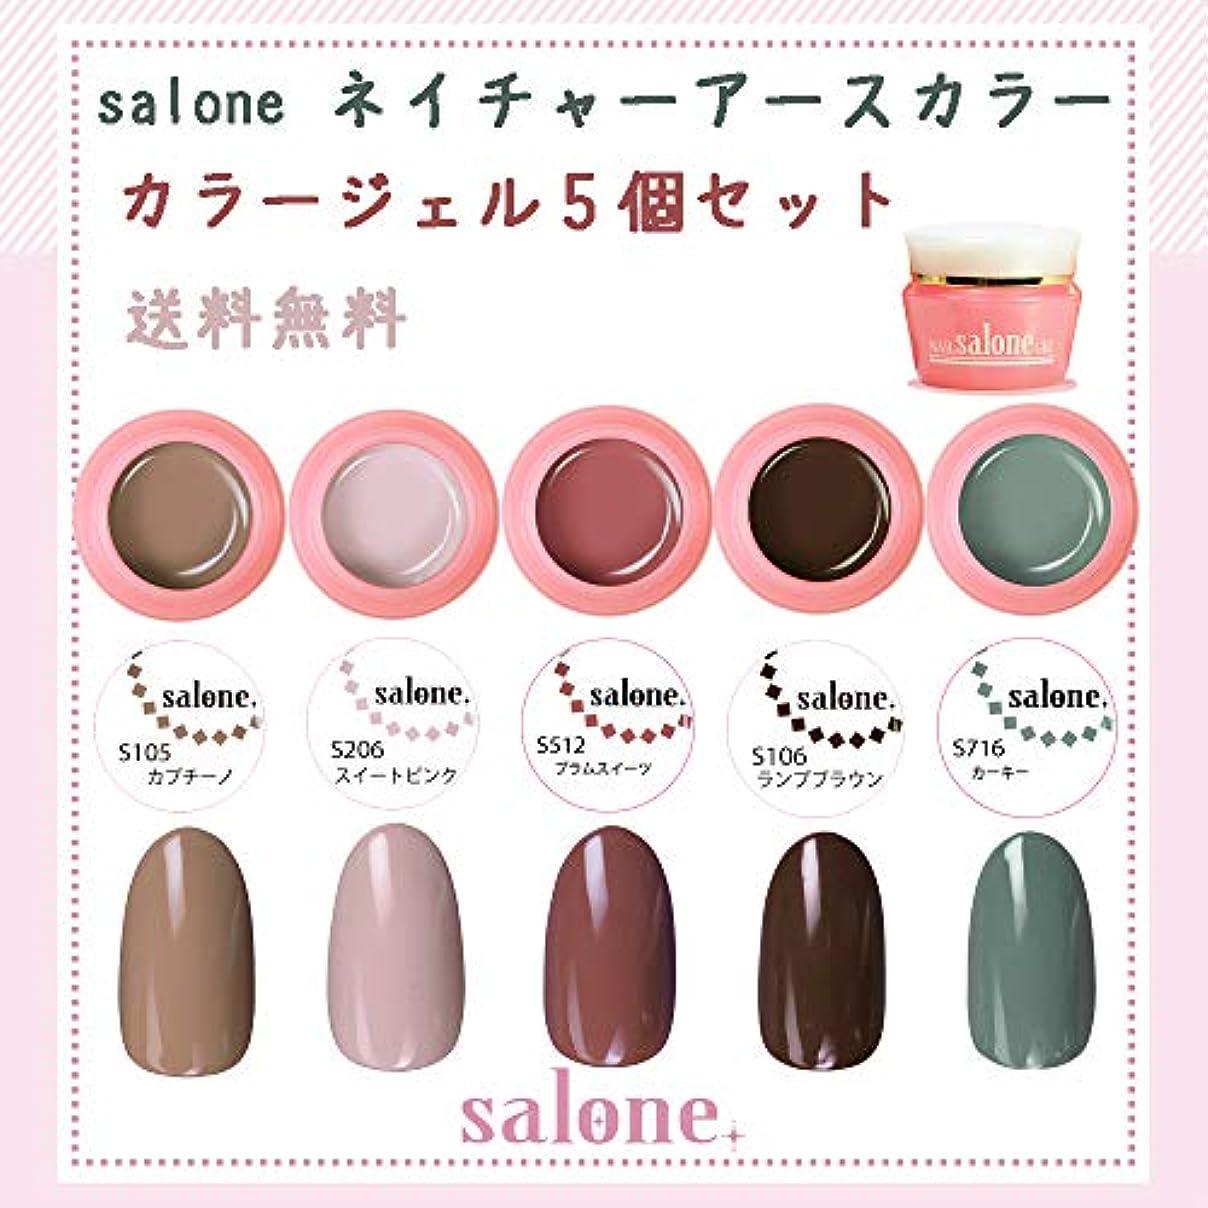 十分な好意的次へ【送料無料 日本製】Salone ネイチャーアースカラー カラージェル5個セット ボタニカルでネイチャーなカラーをチョイスしました。